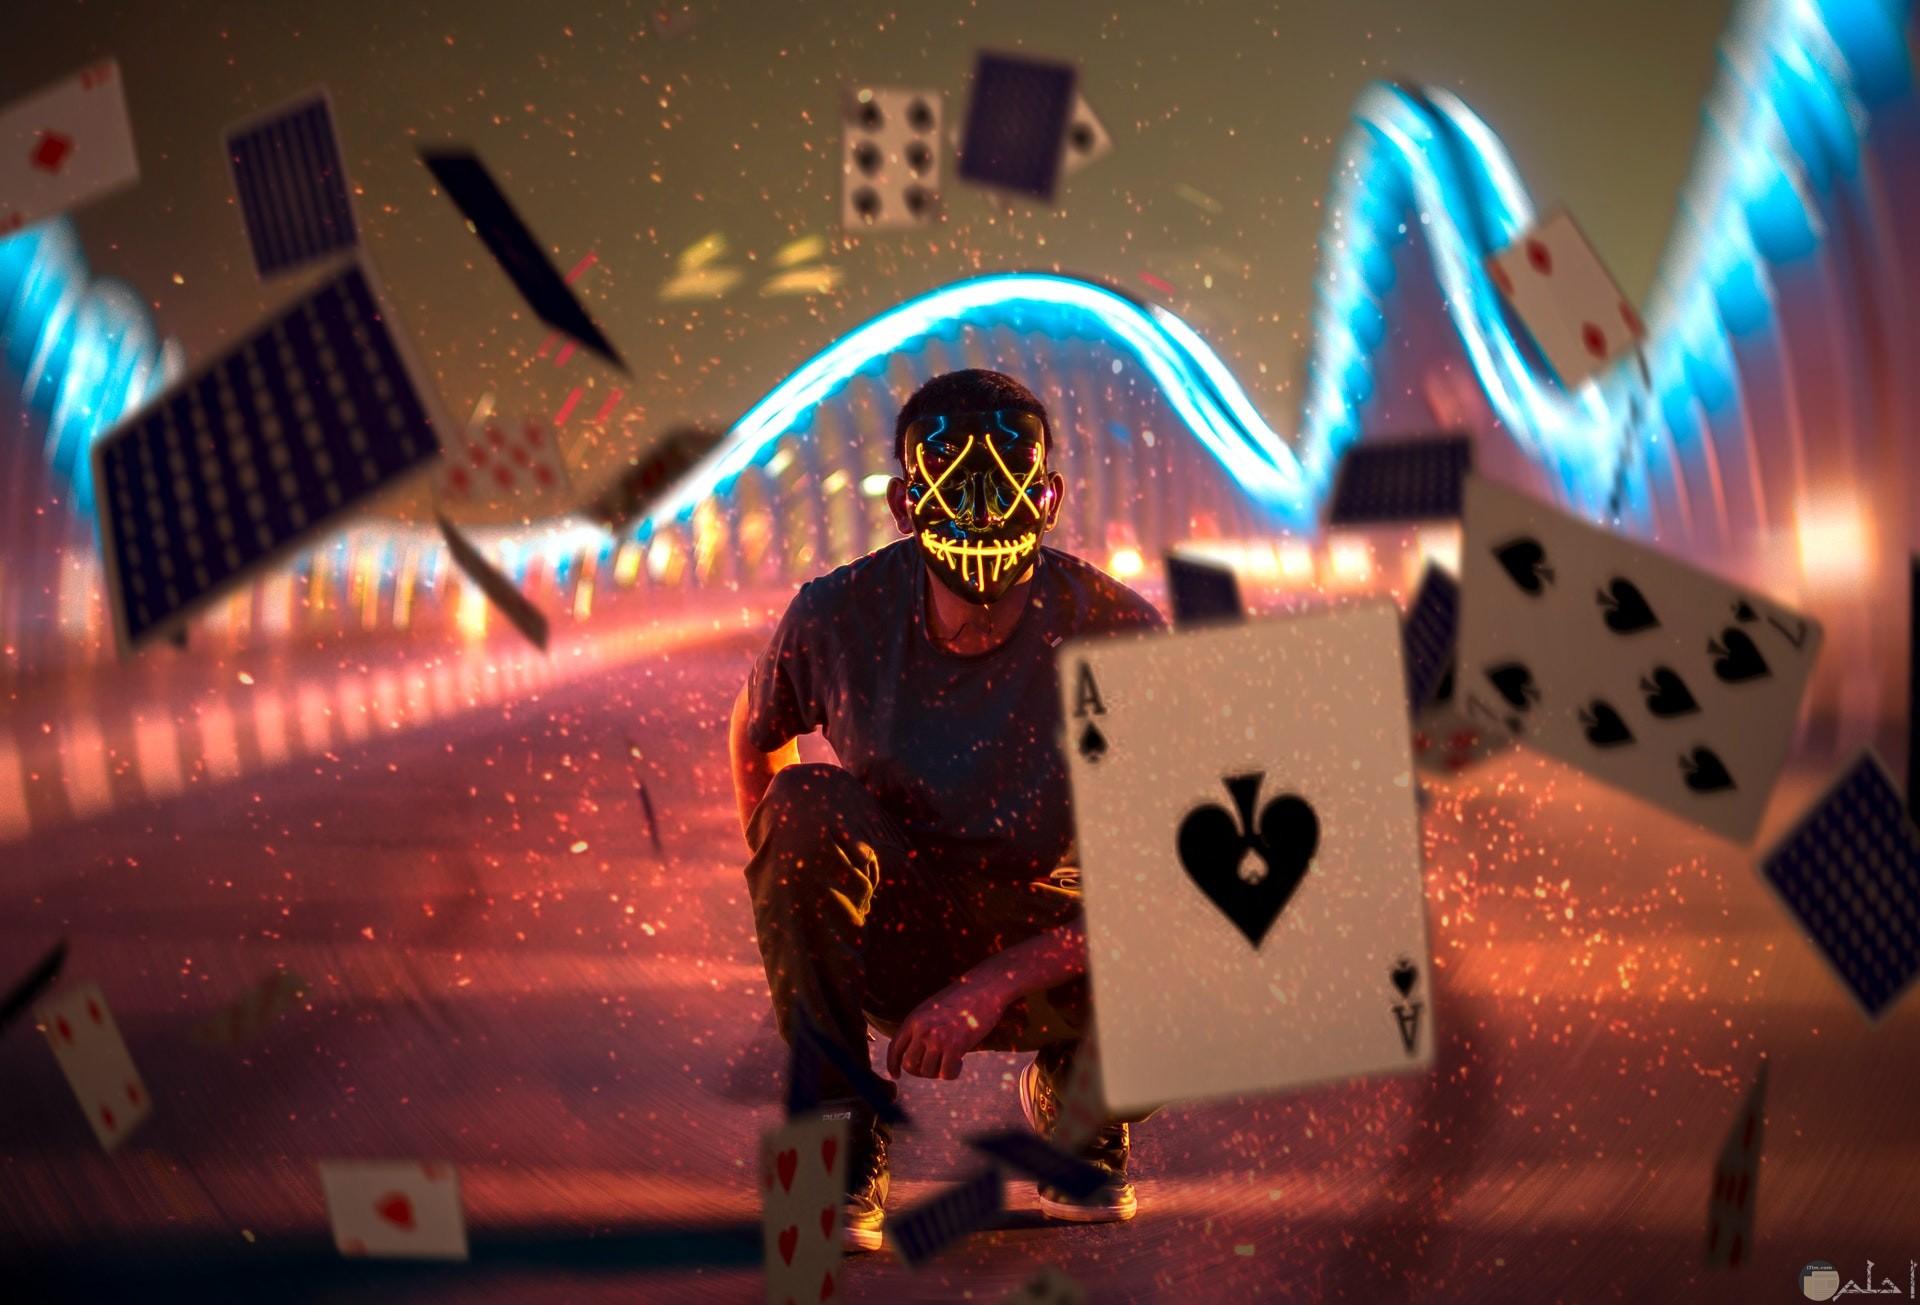 صورة أكشن رعب لشاب يرتدي قناع مخيف مع مجموعة أوراق متطايرة وأضواء في الخلفية